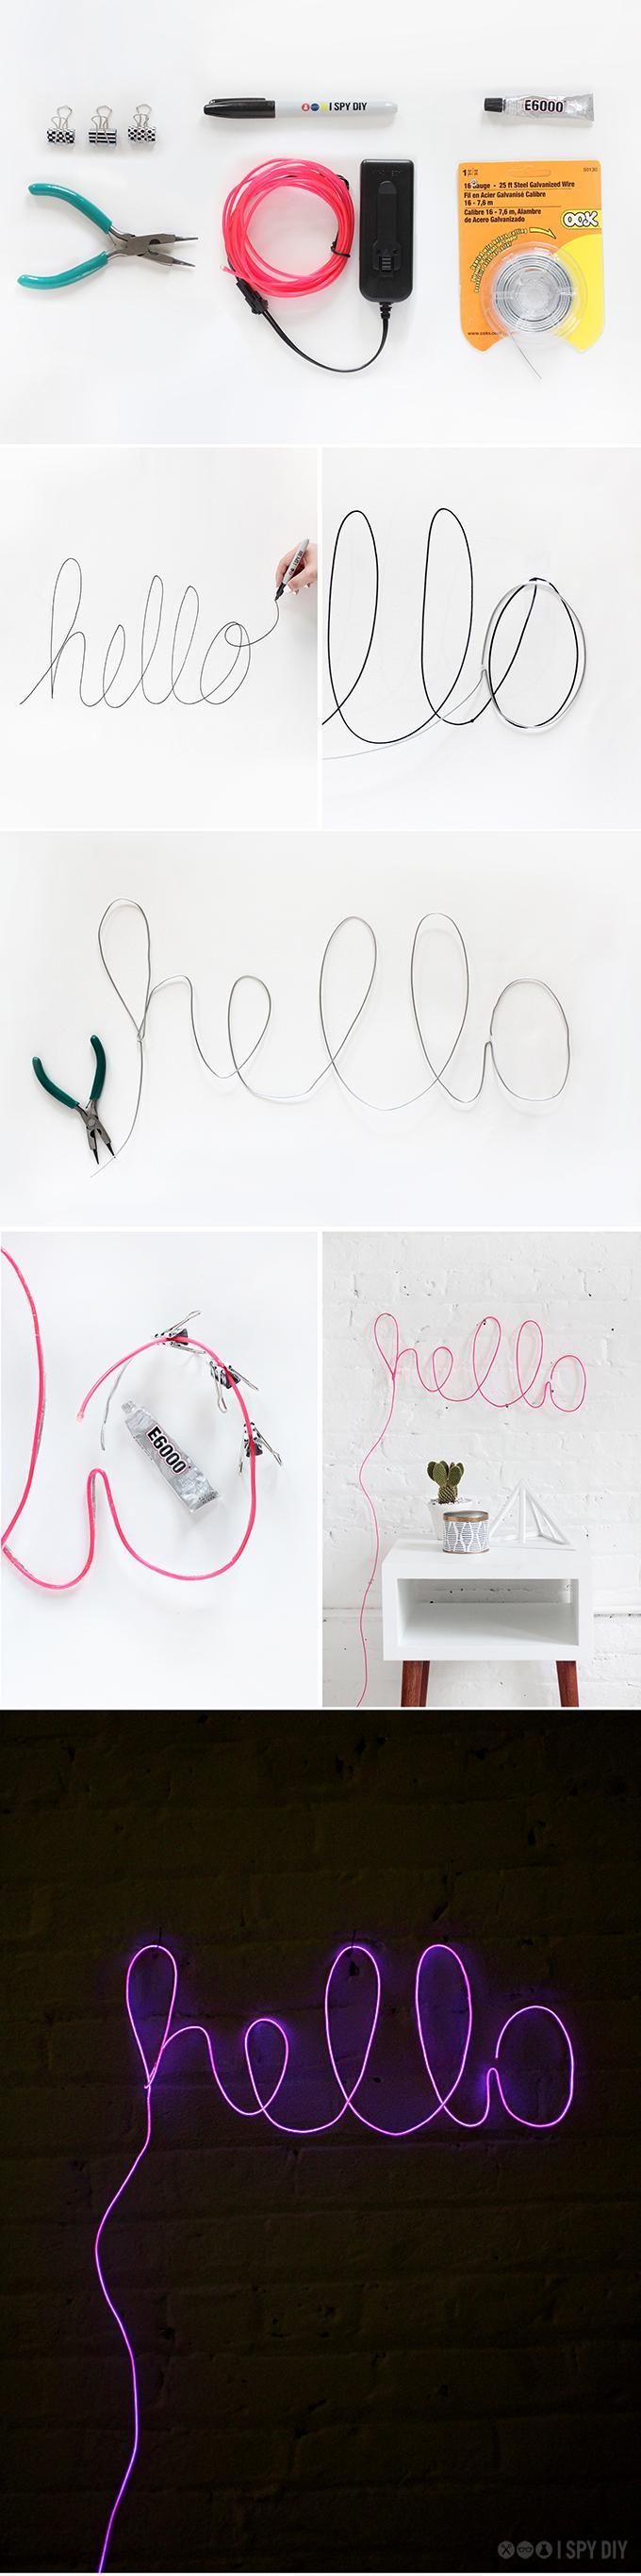 idee-fai-da-te-lettere-neon-luminose-scritta-hello-decorare-parete-cameretta-stanzetta